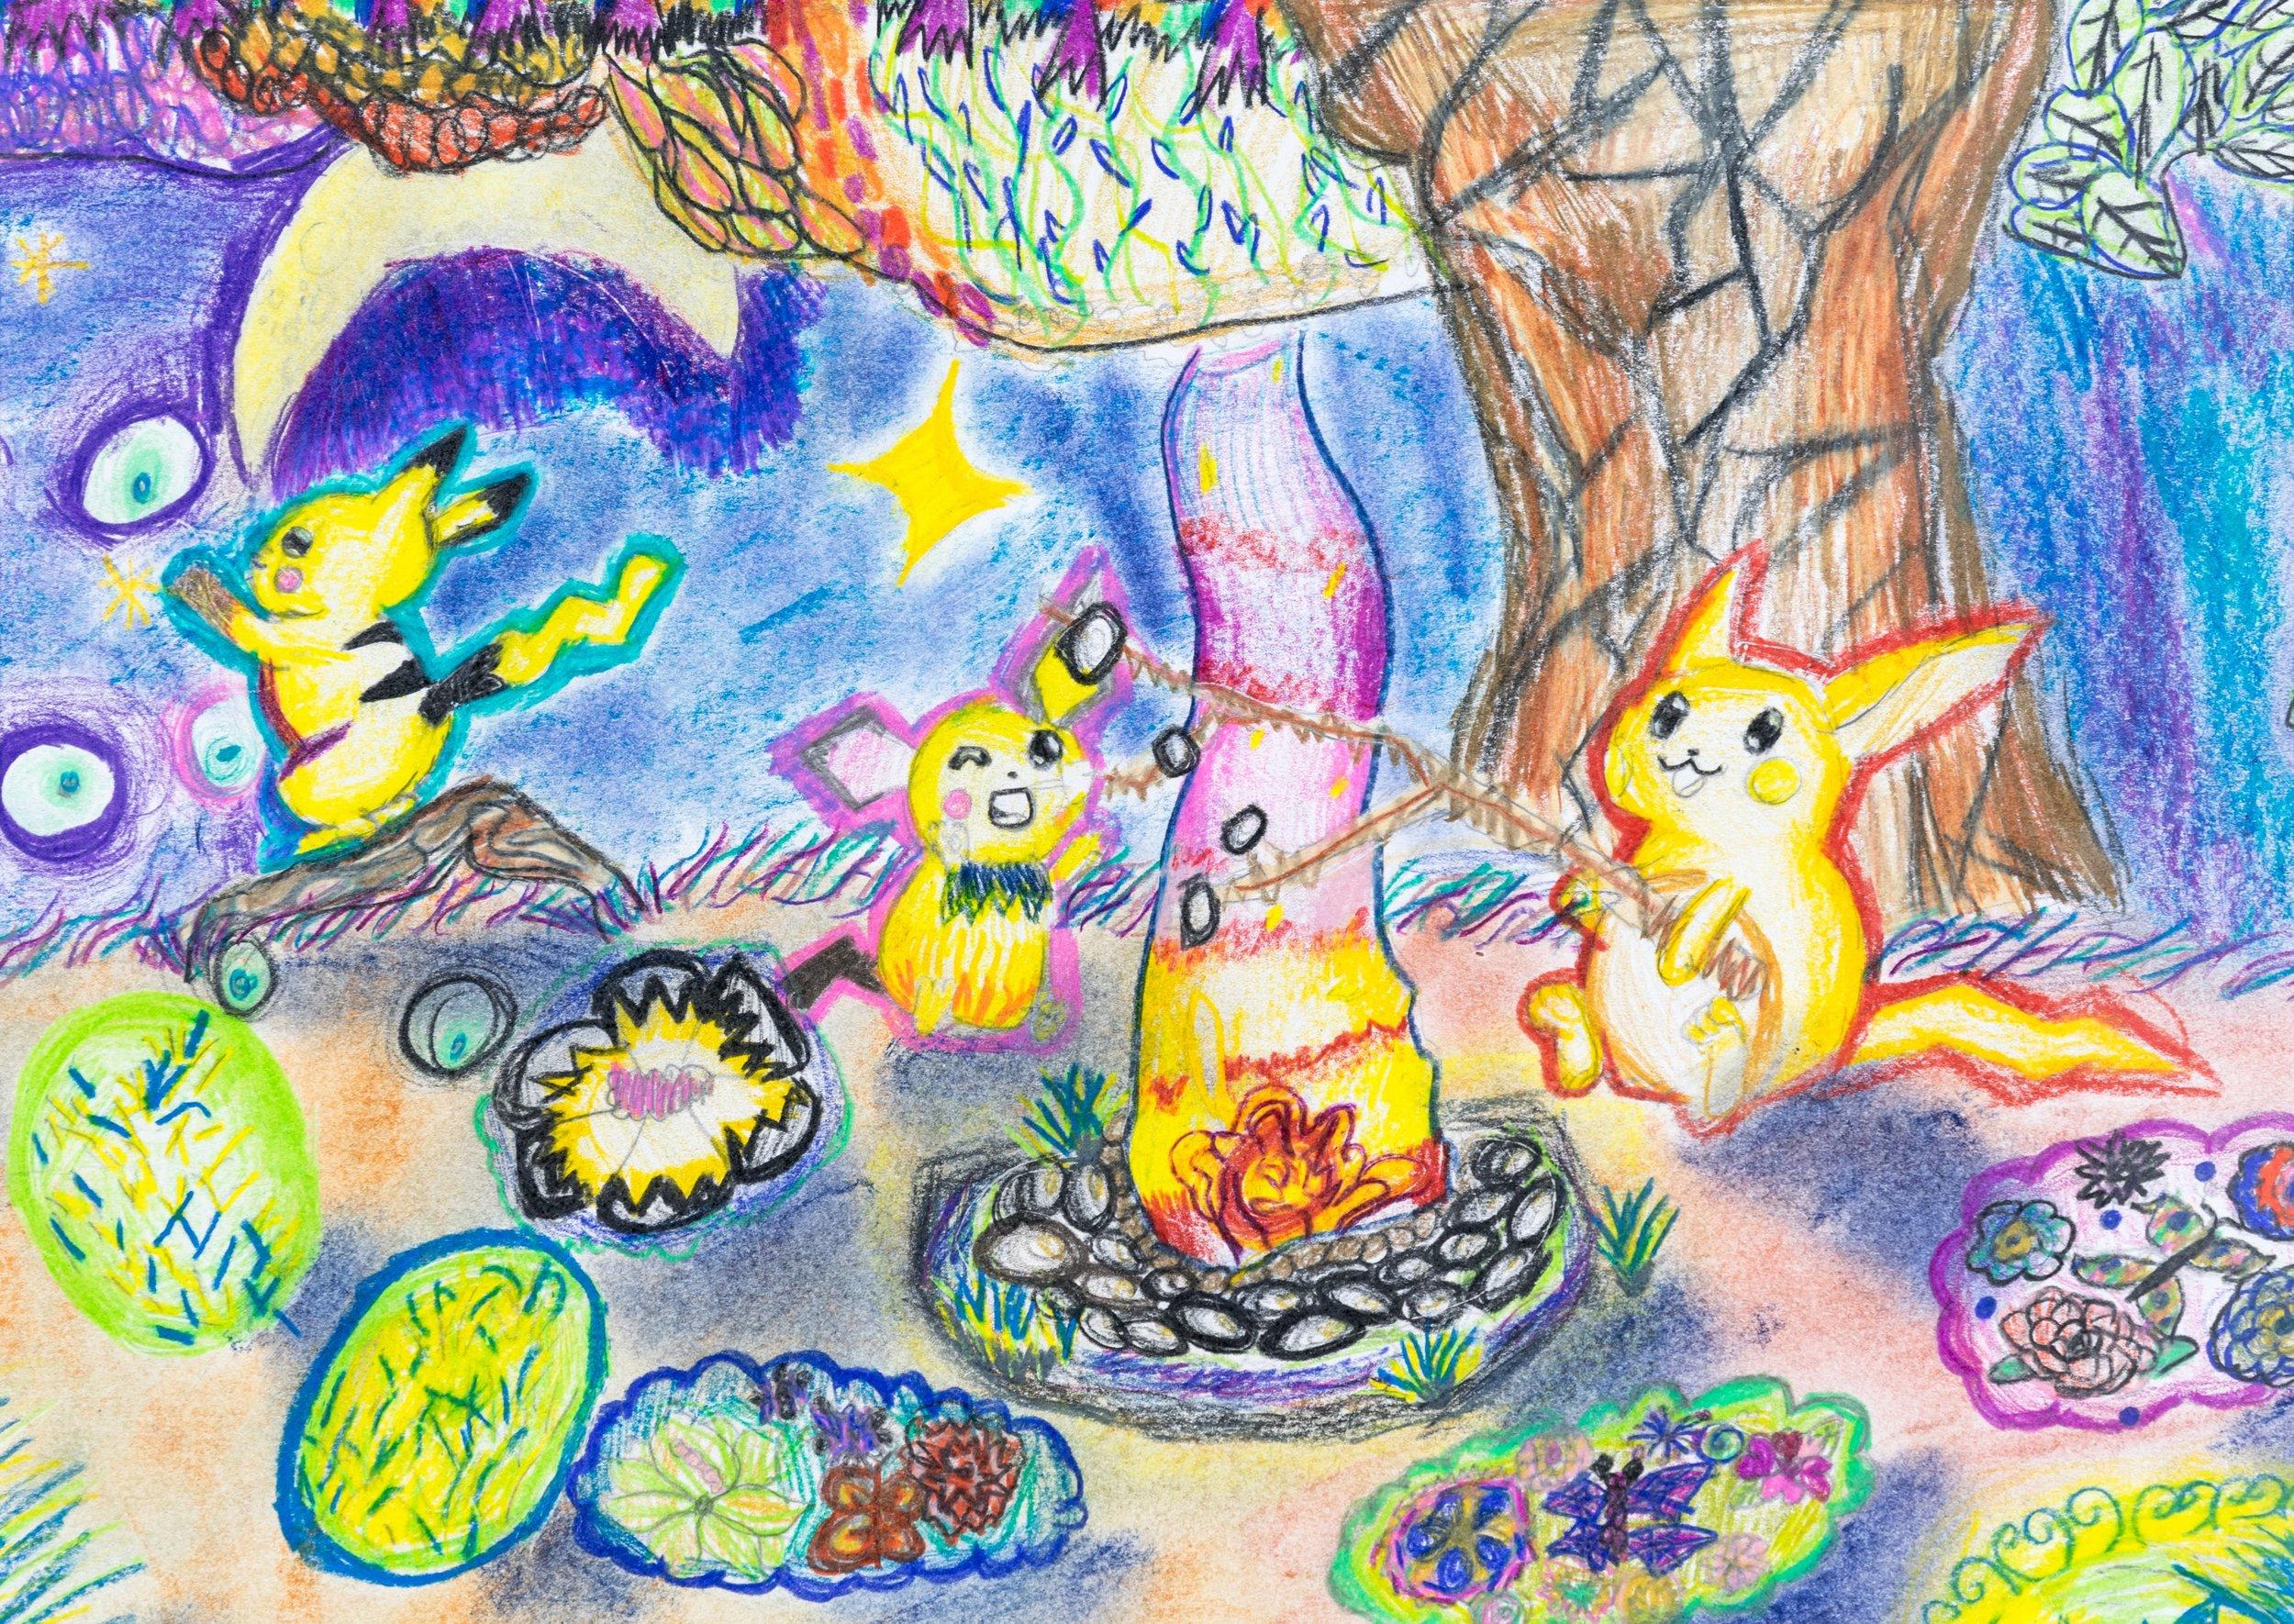 03-Emma_Valdez-Marshmellow_Night.jpg